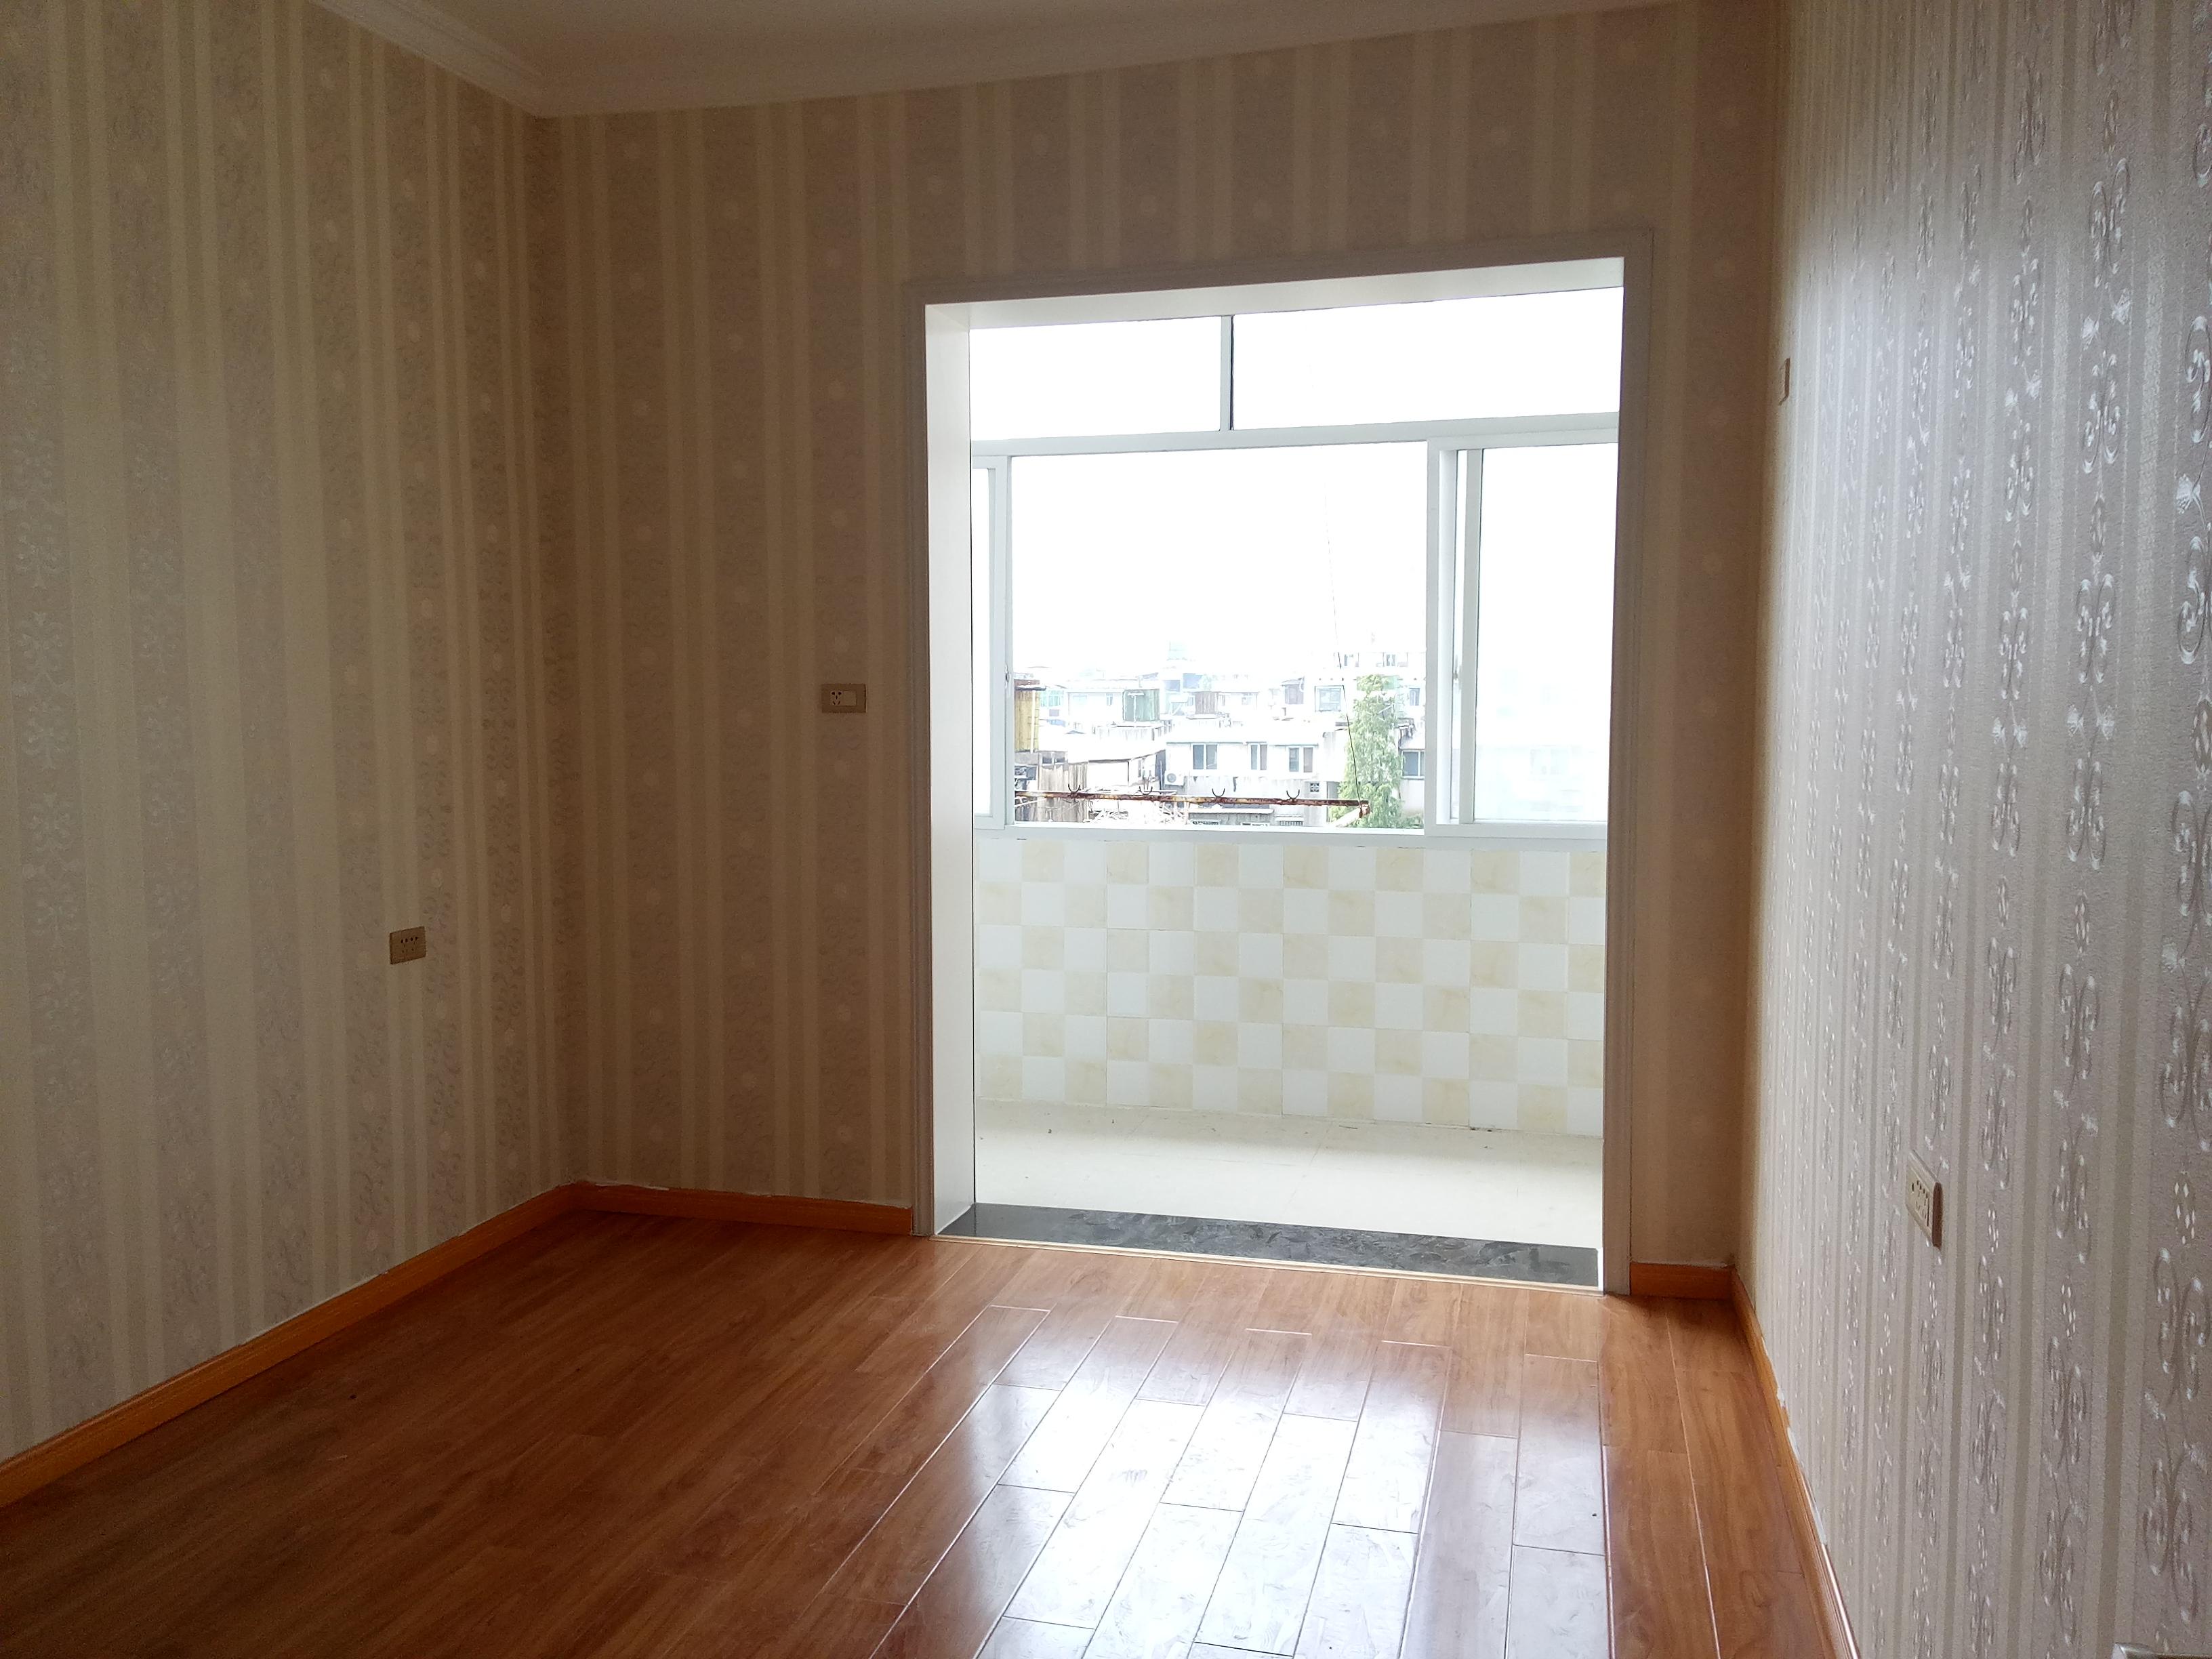 花桥二村精装修2房1厅采光好诚心出售,二手房